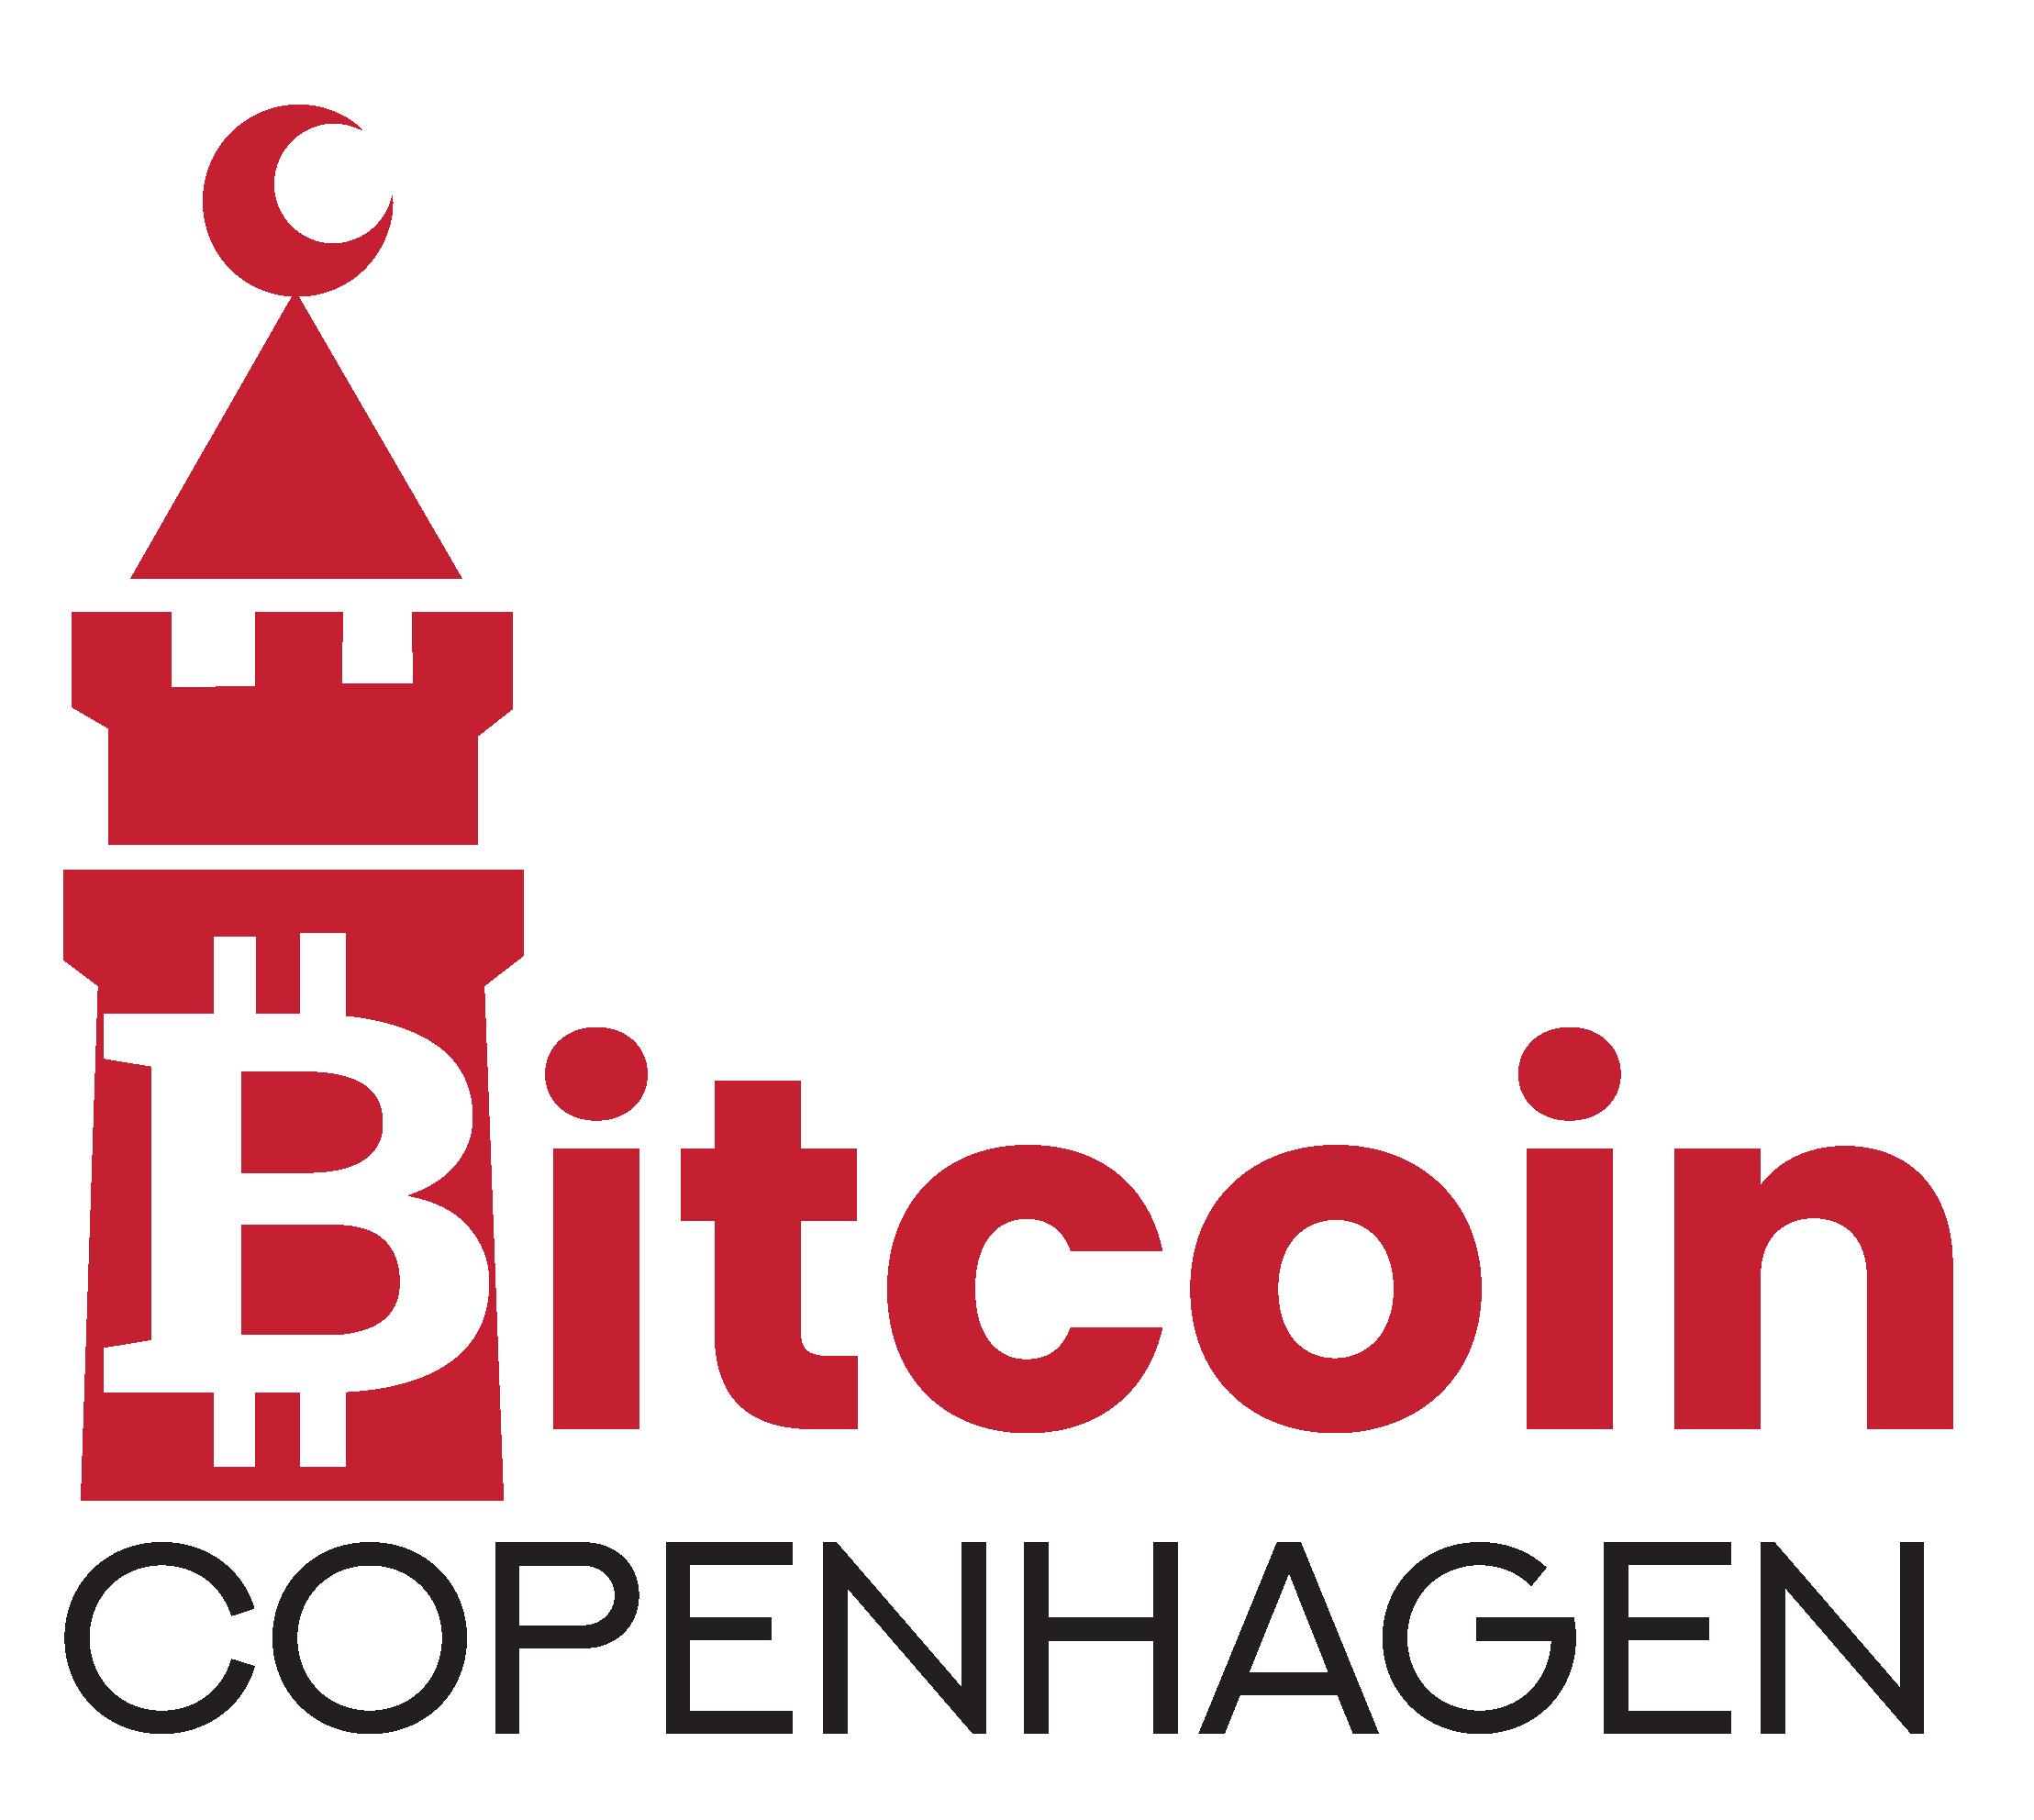 mennyibe kerül 1 bitcoin font